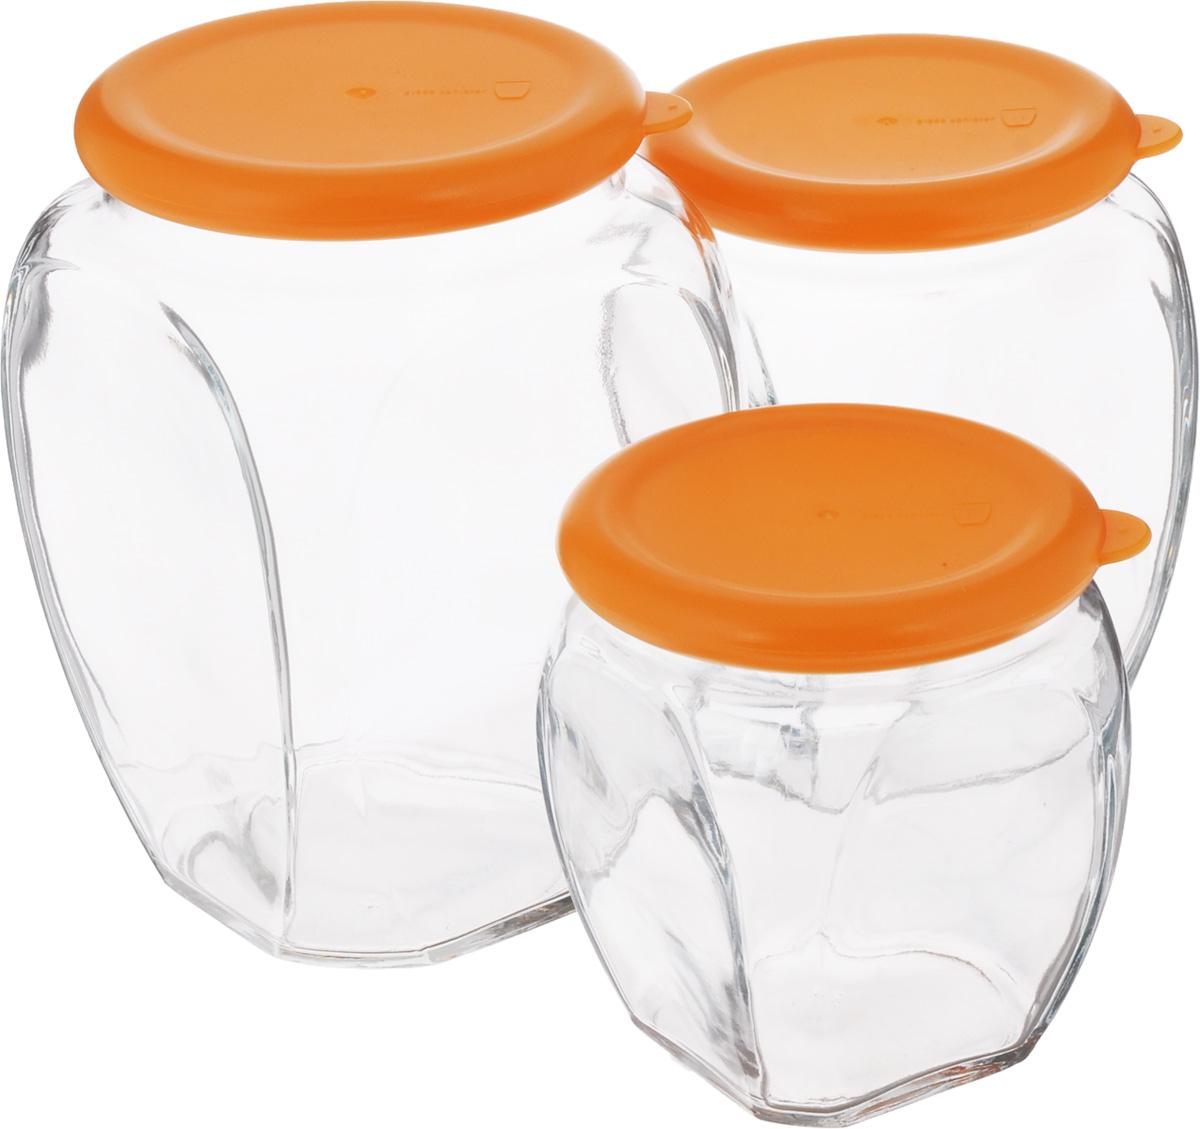 Набор контейнеров для сыпучих продуктов Glasslock, 3 шт. IG-674 absolute absolute плед dermot 180х230 см